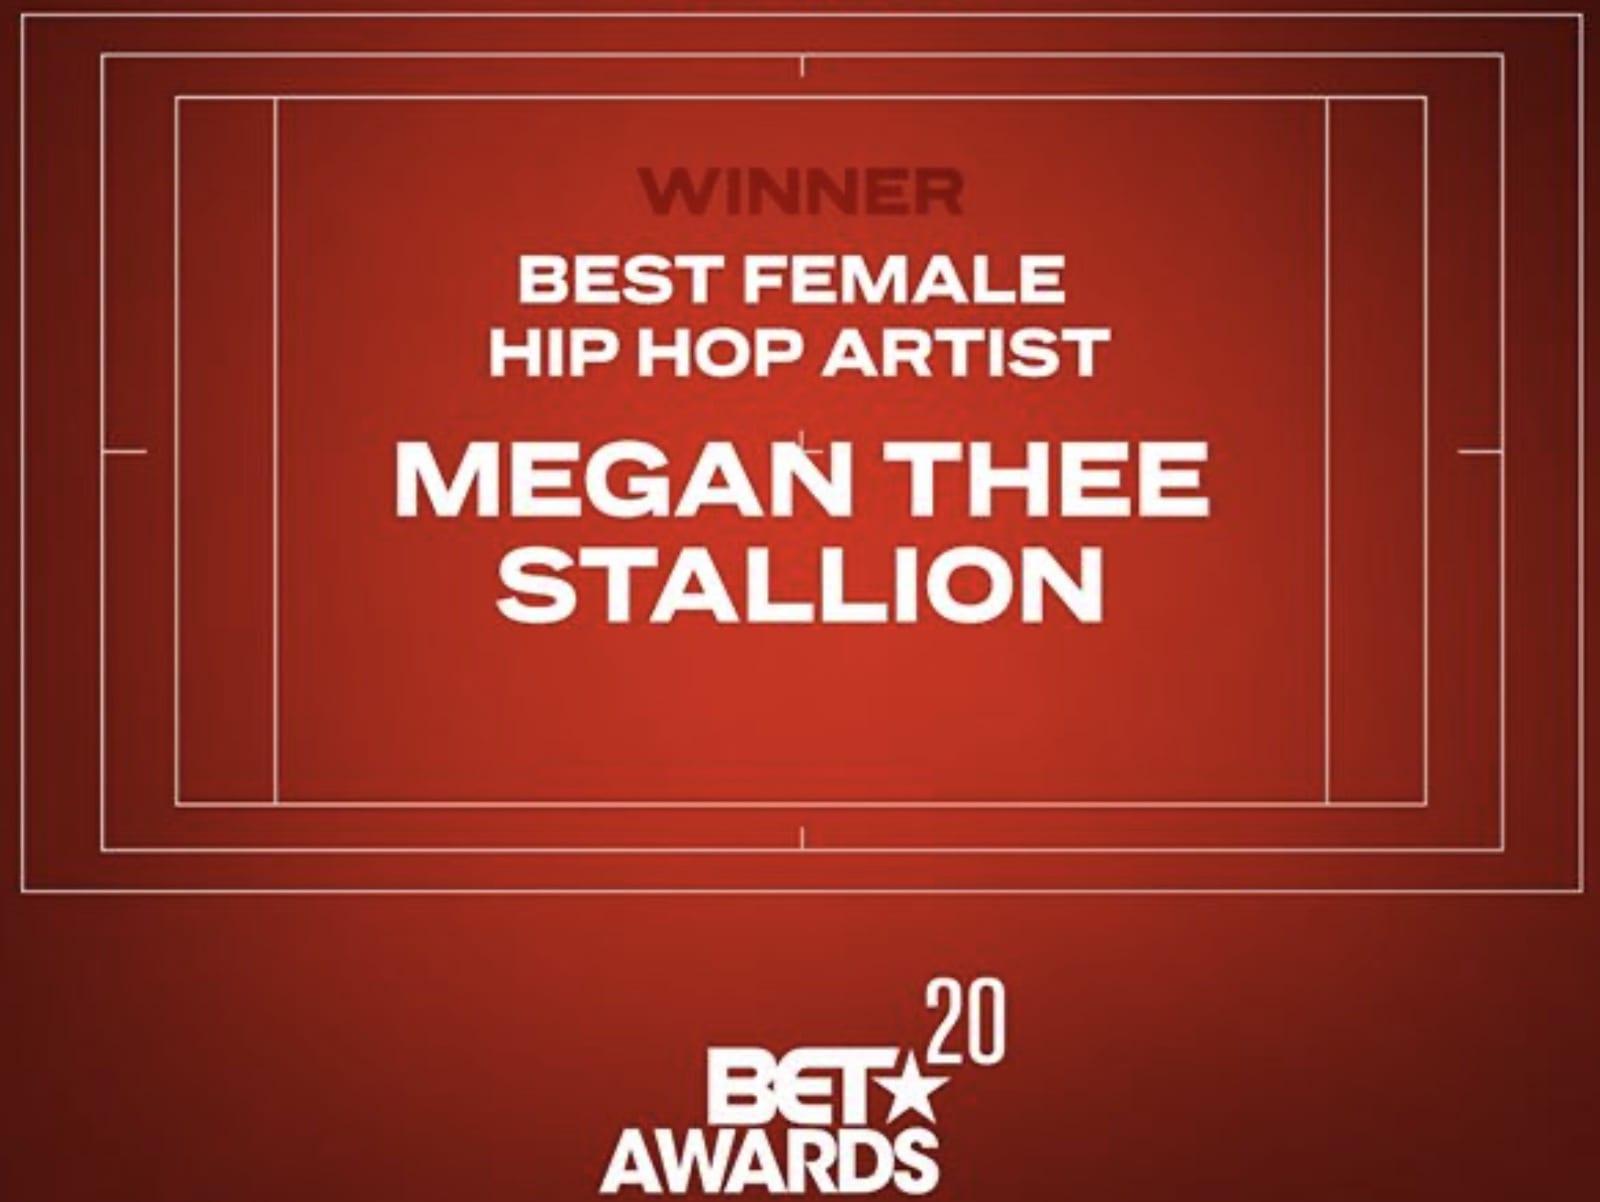 BET Awards 2020 Megan Thee Stallion